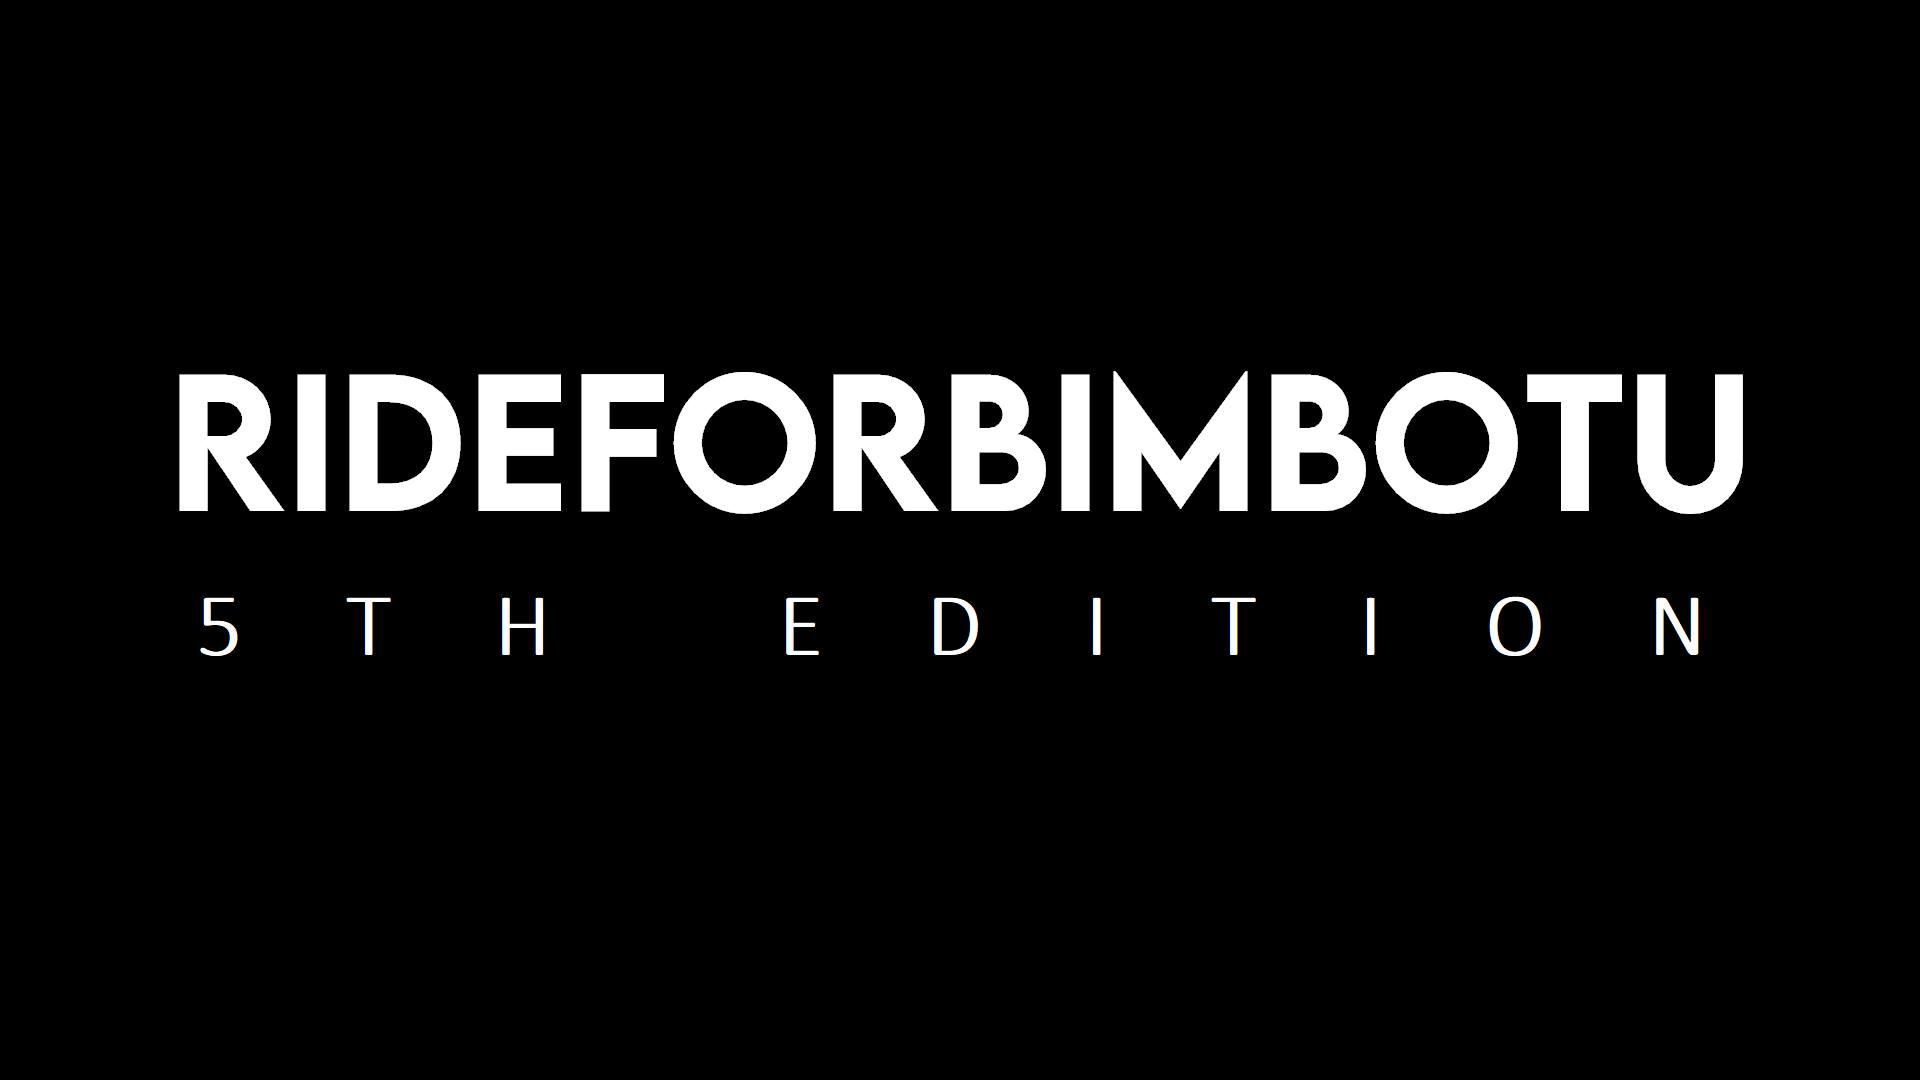 RIDE FOR BIMBO